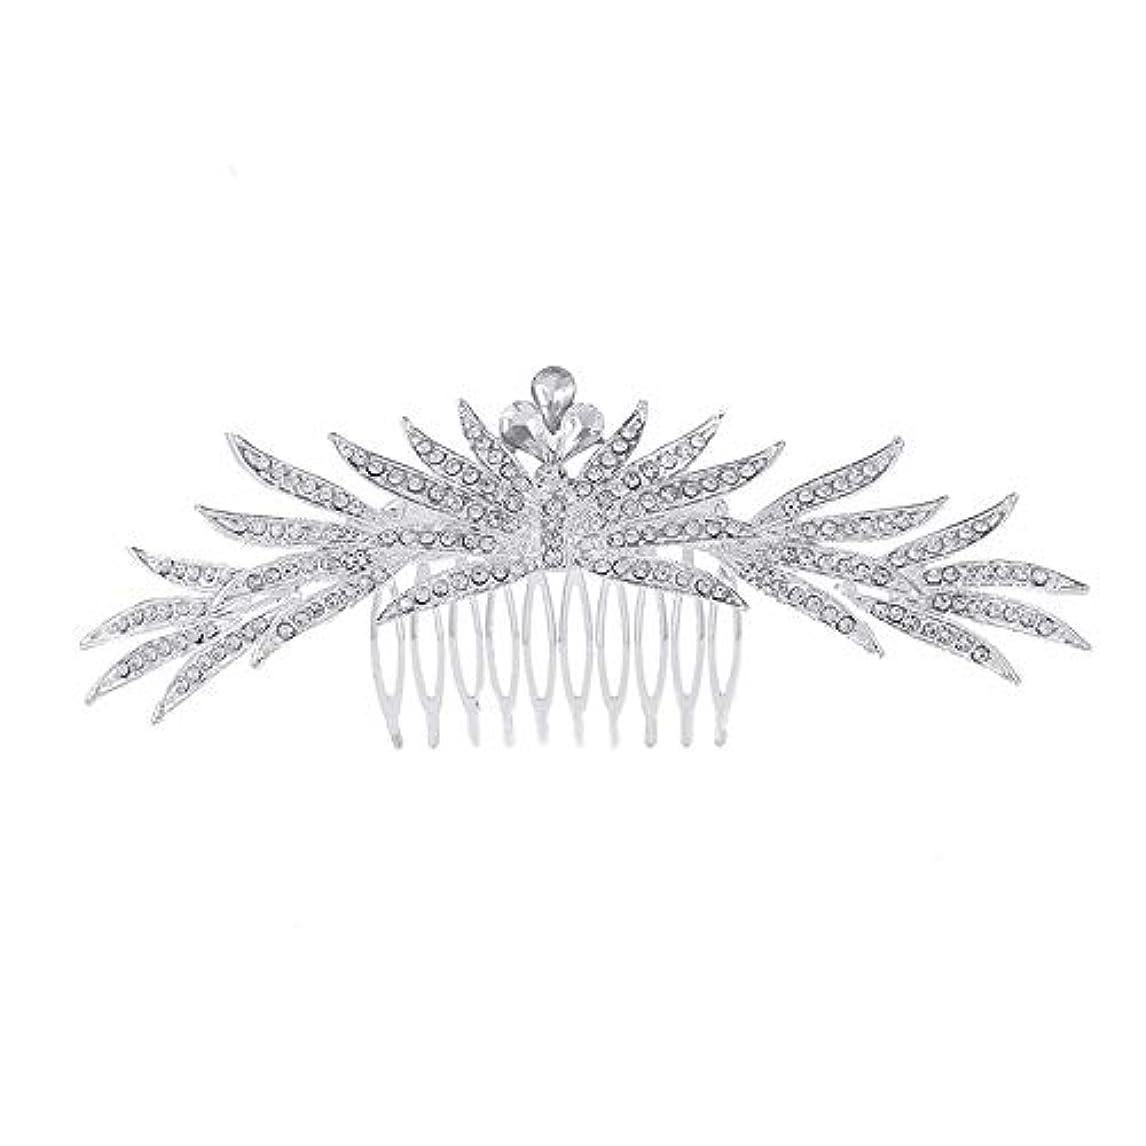 プラス経験者ラップトップ髪の櫛の櫛の櫛花嫁の髪の櫛ラインストーンの櫛亜鉛合金ブライダルヘッドドレス結婚式のアクセサリー挿入櫛